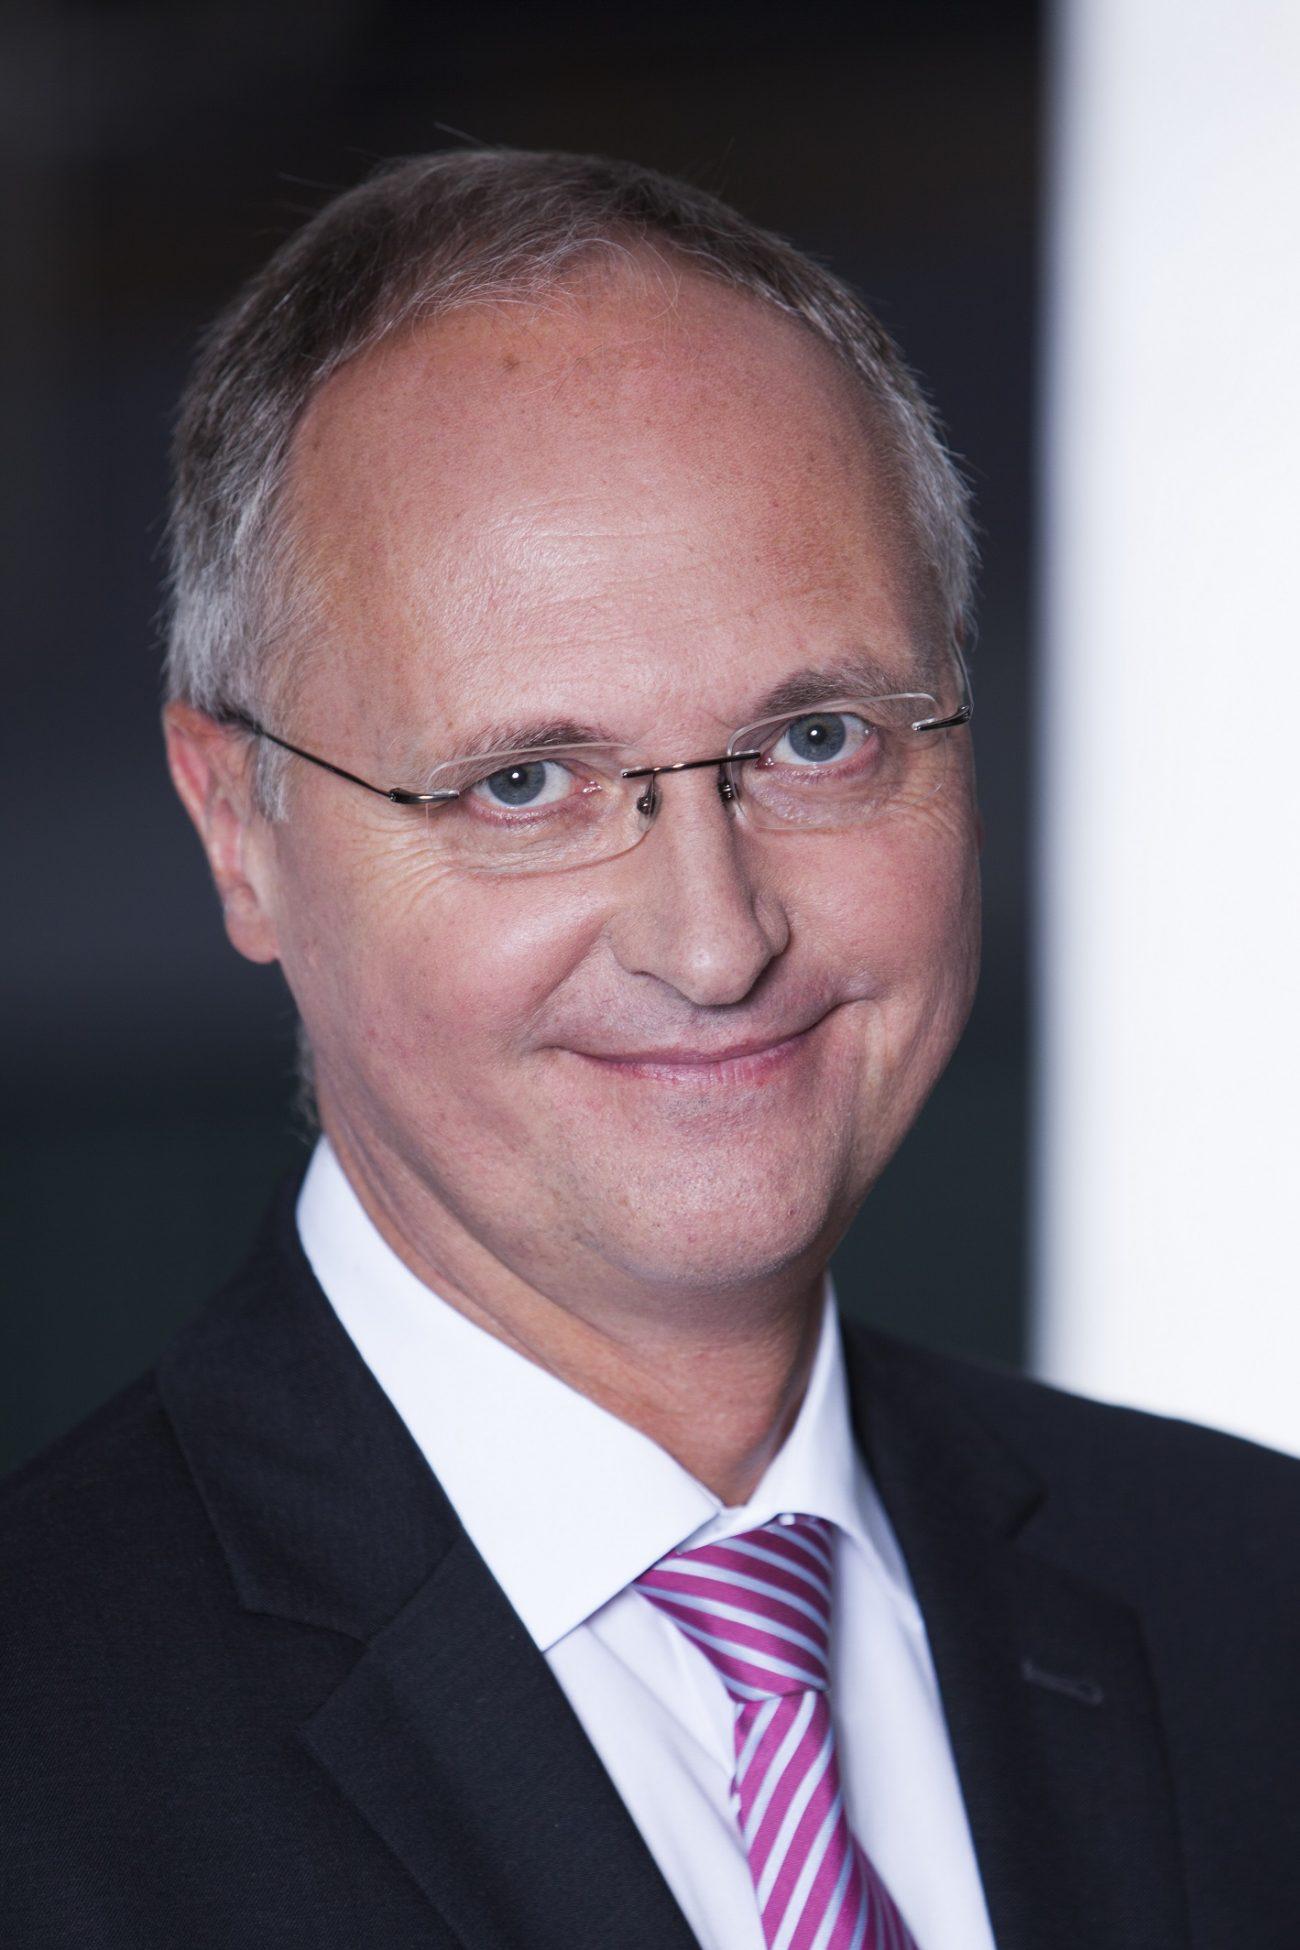 Thomas Fleischmann